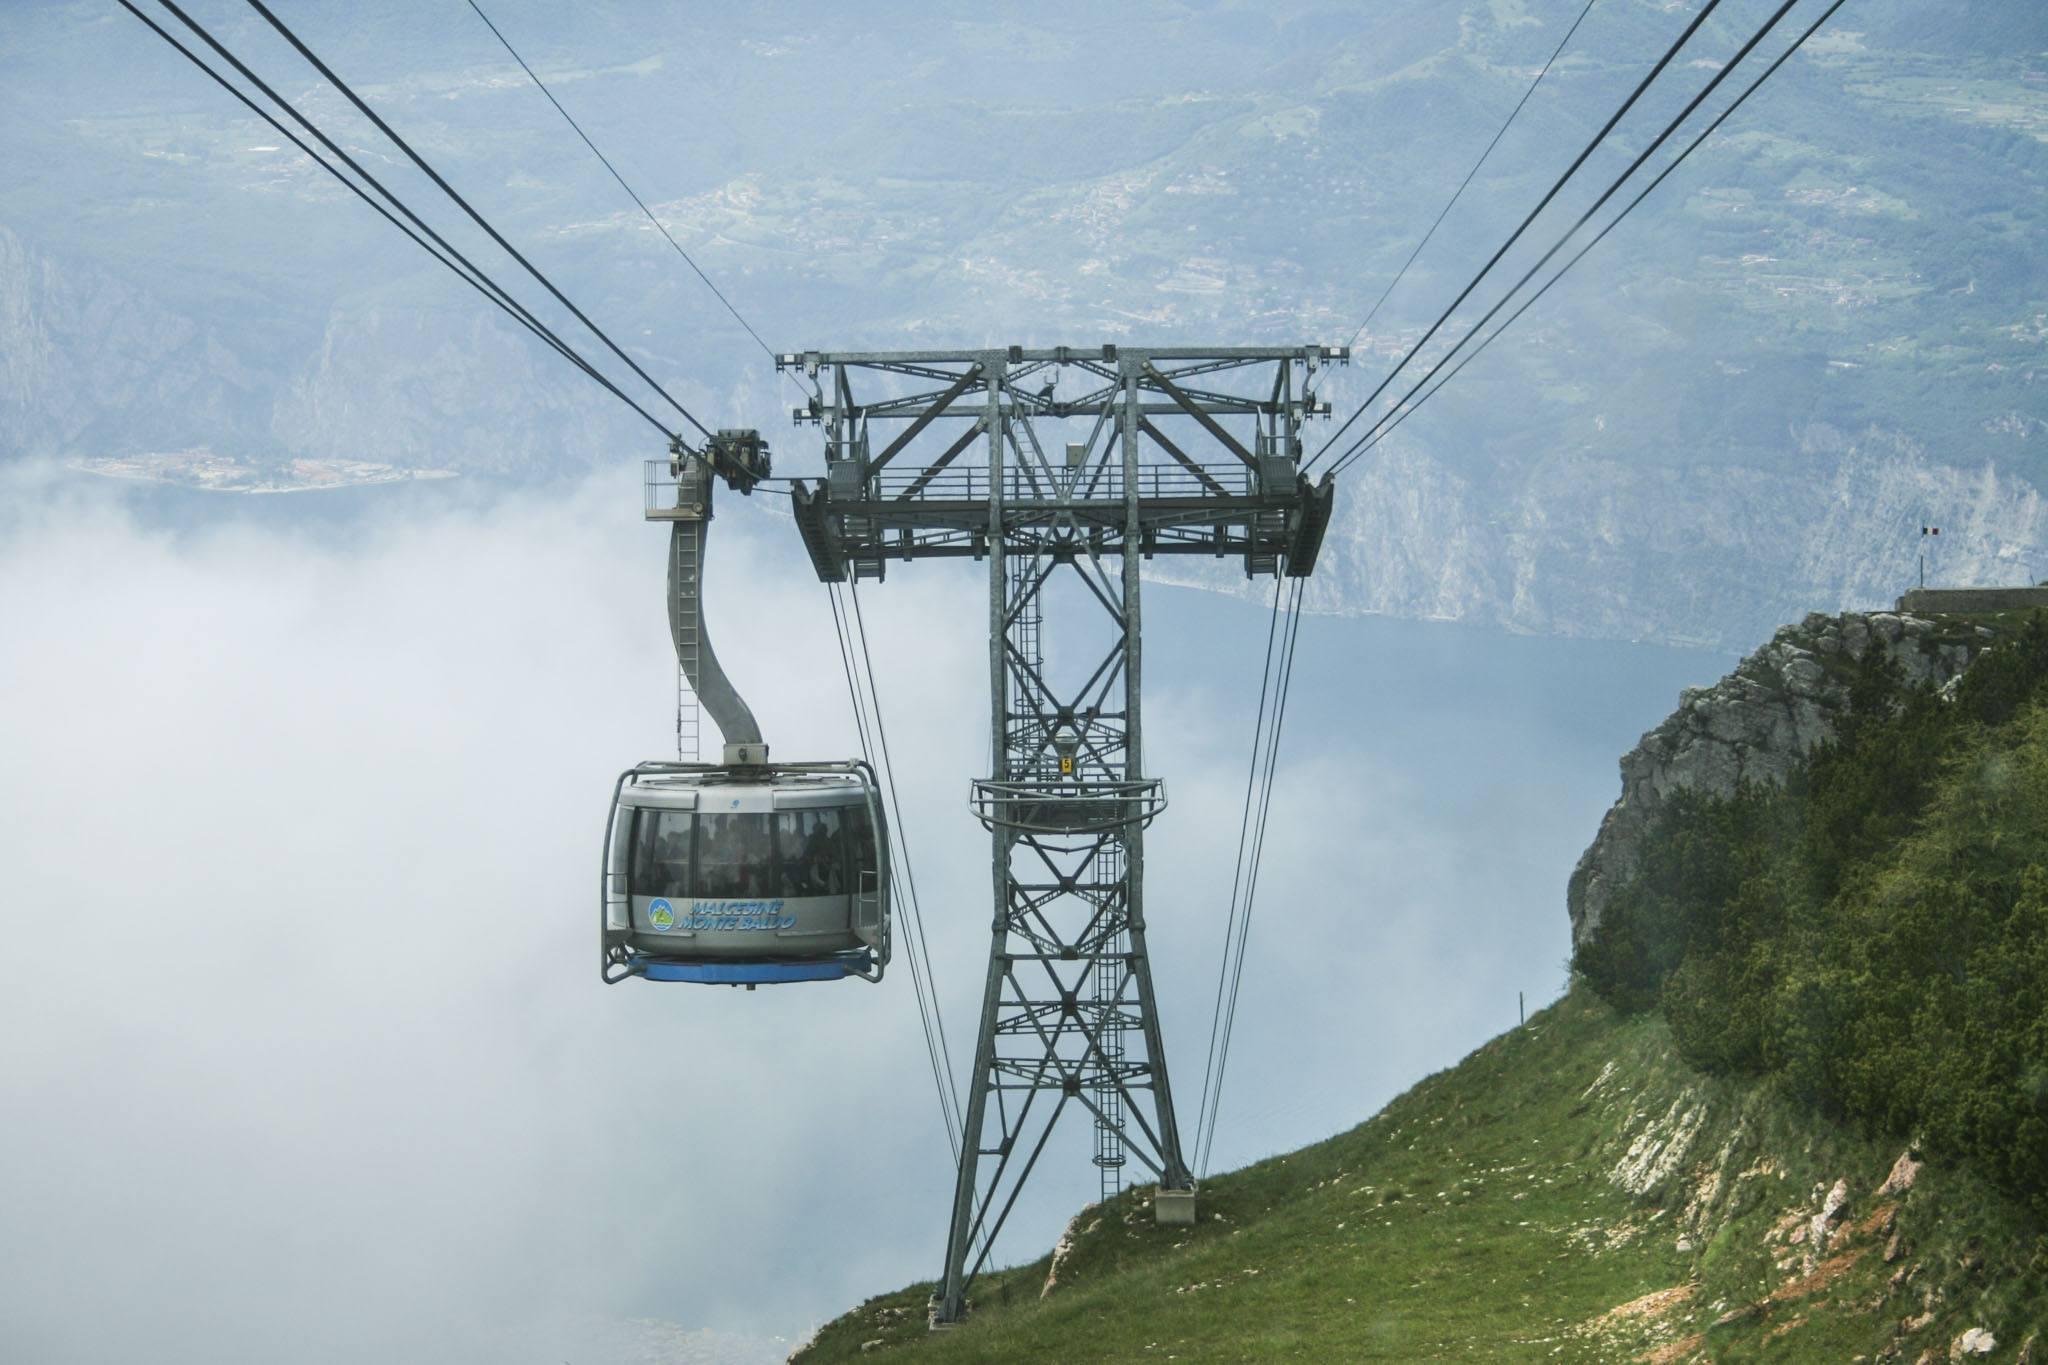 Monte Baldo Seilbahn kurz vor der Bergstation